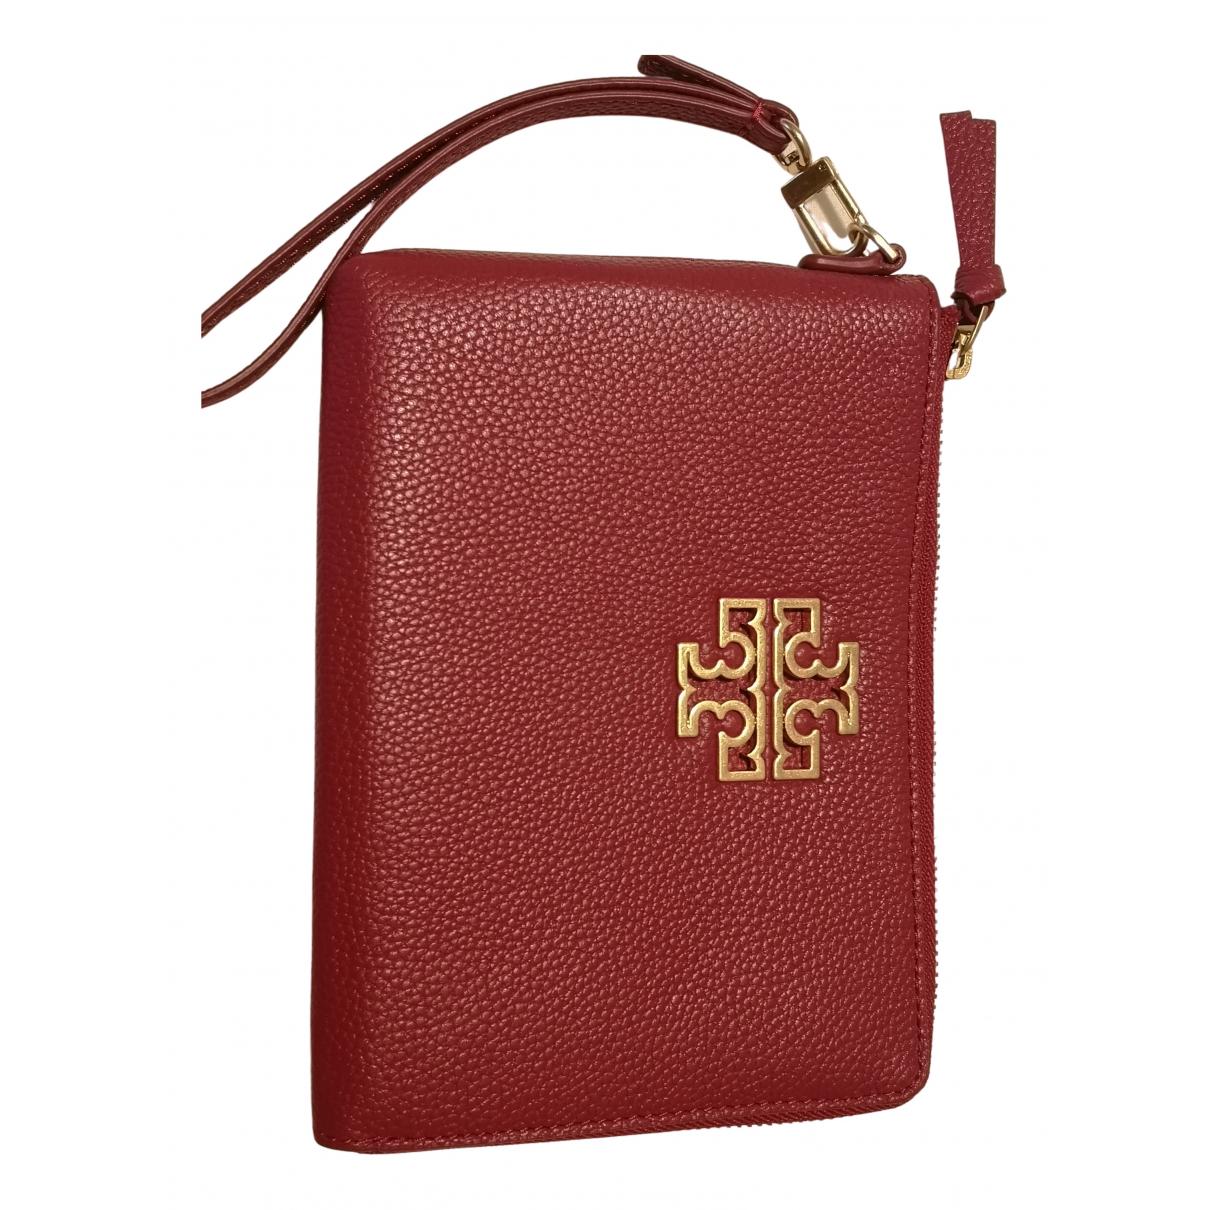 Tory Burch - Pochette   pour femme en cuir - rouge